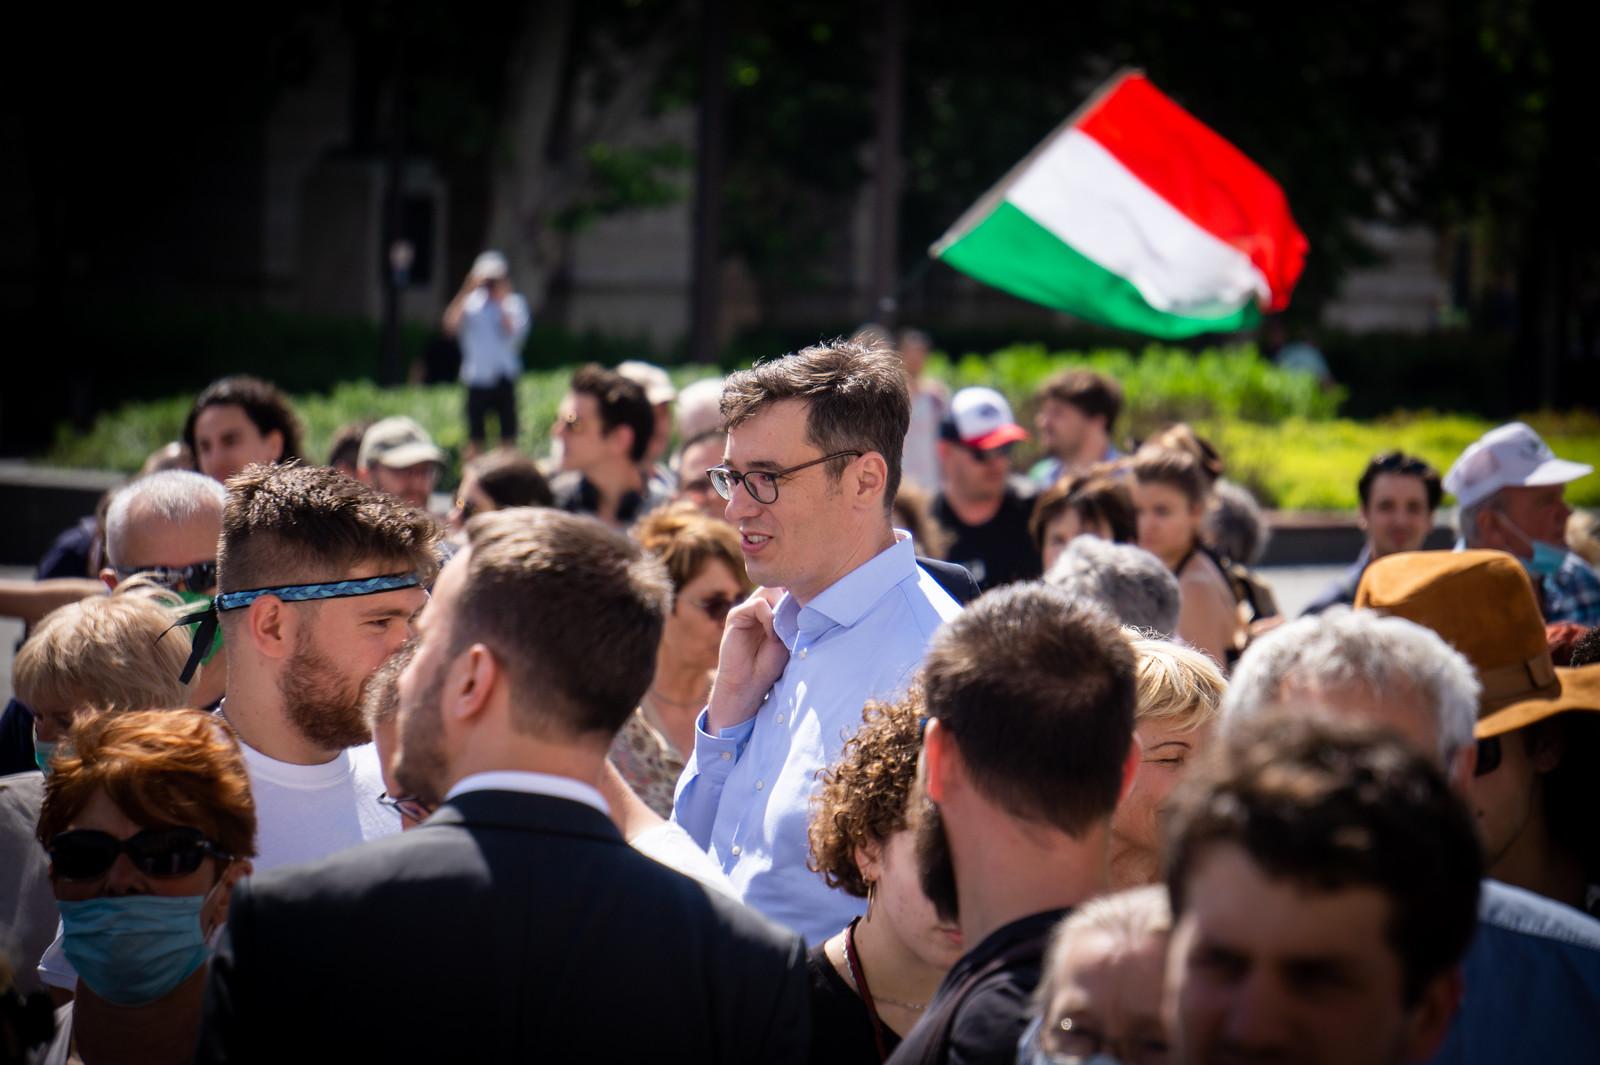 Karácsony három pontban tett javaslatokat Orbánnak a koronavírus elleni hatékonyabb védekezésre